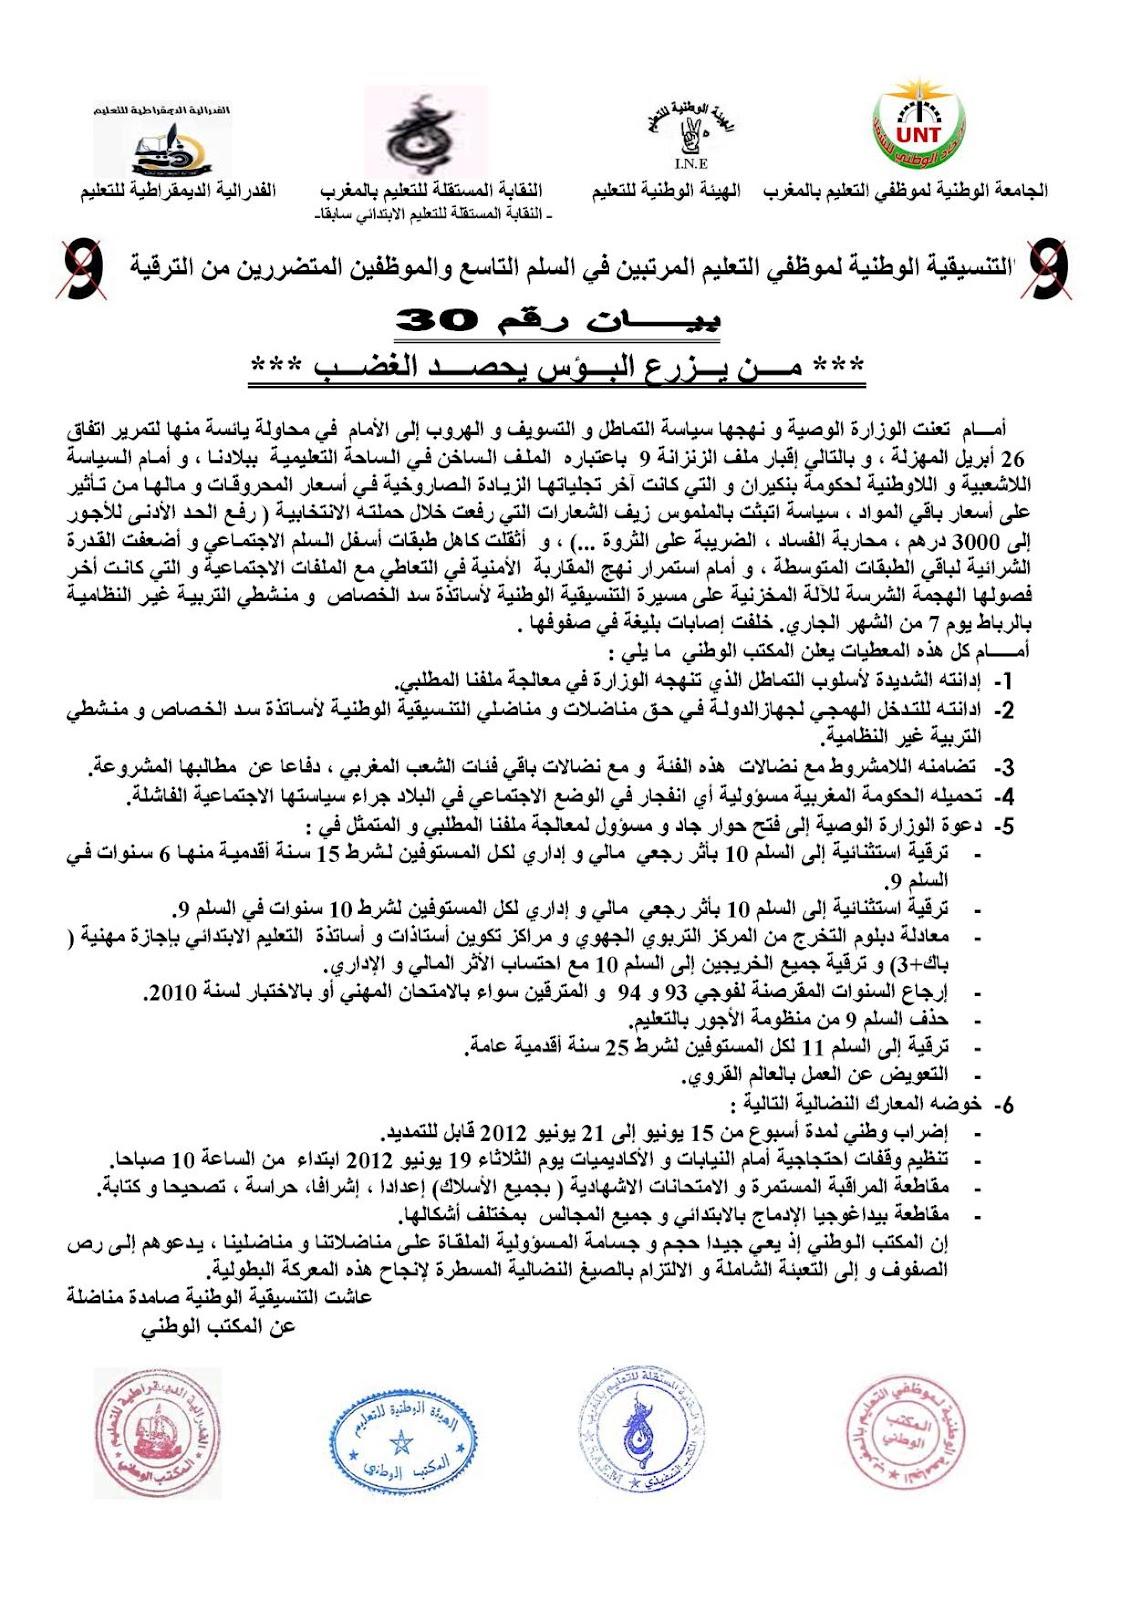 البيان رقم 30 للتنسيقية الوطنية لموظفي التعليم المرتبين في السلم Note1